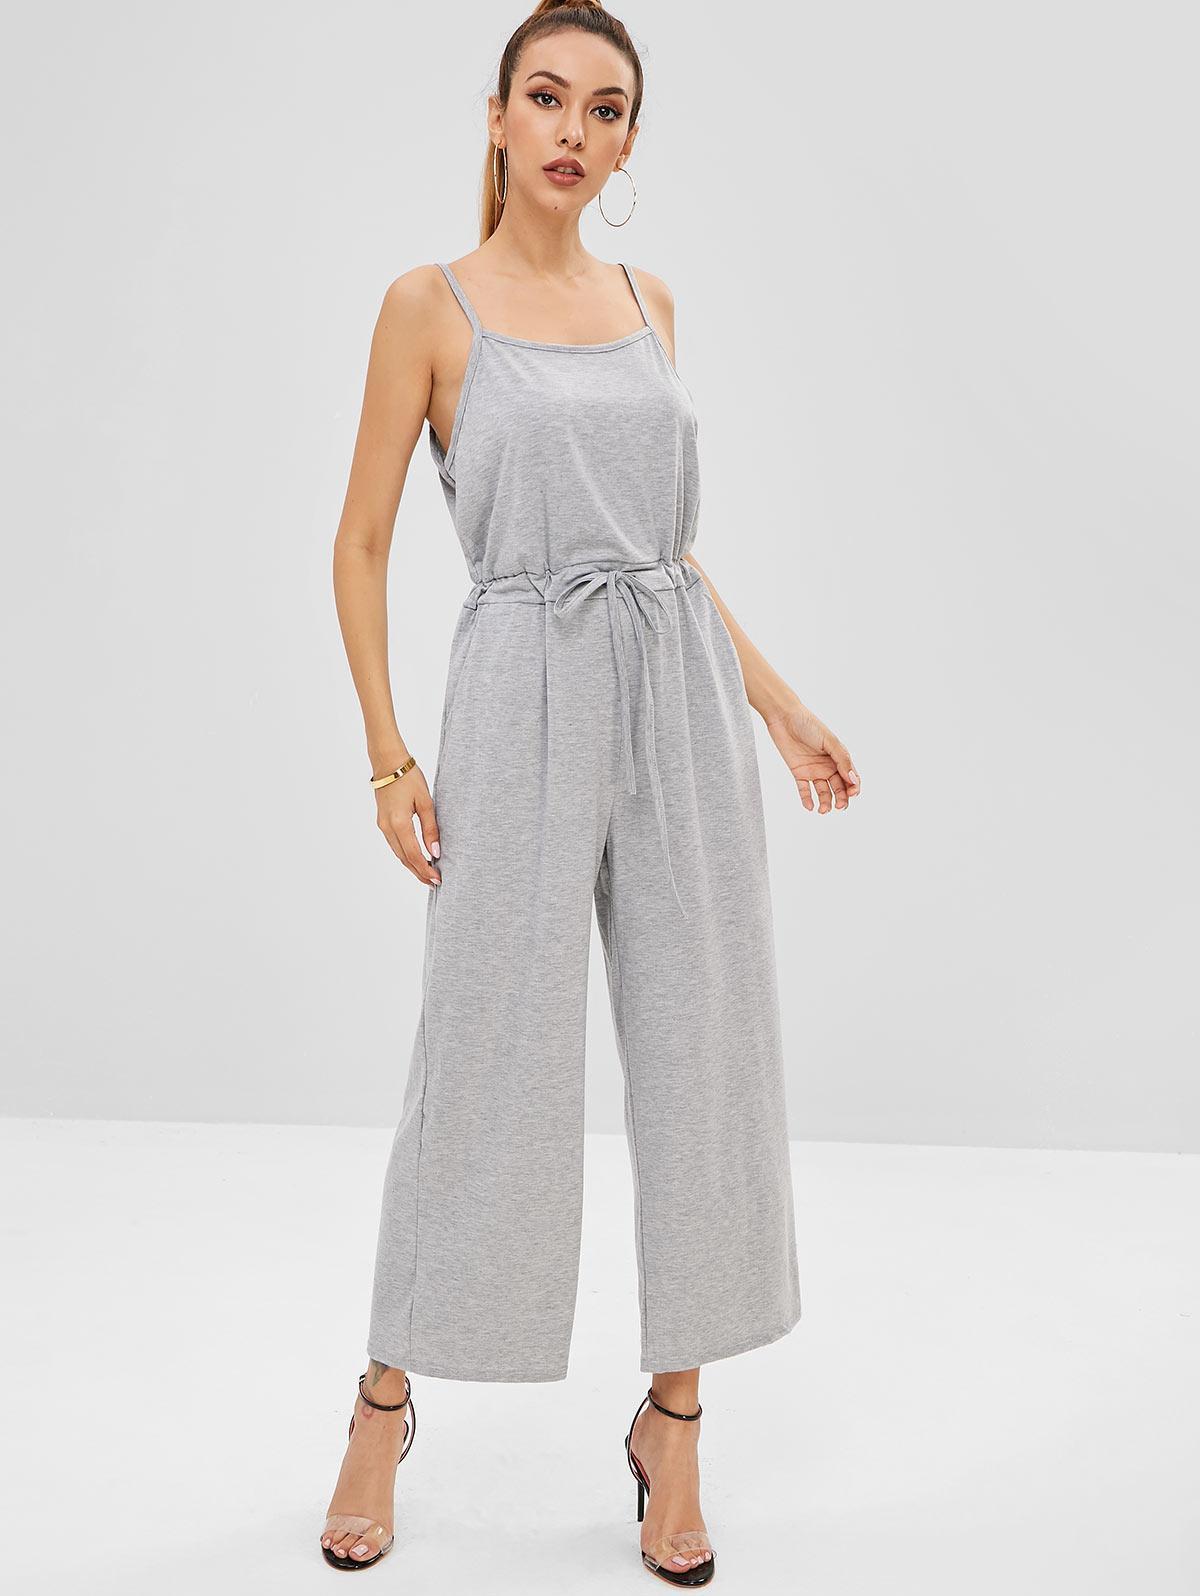 Waist Drawstring Wide Leg Jumpsuit, Light gray